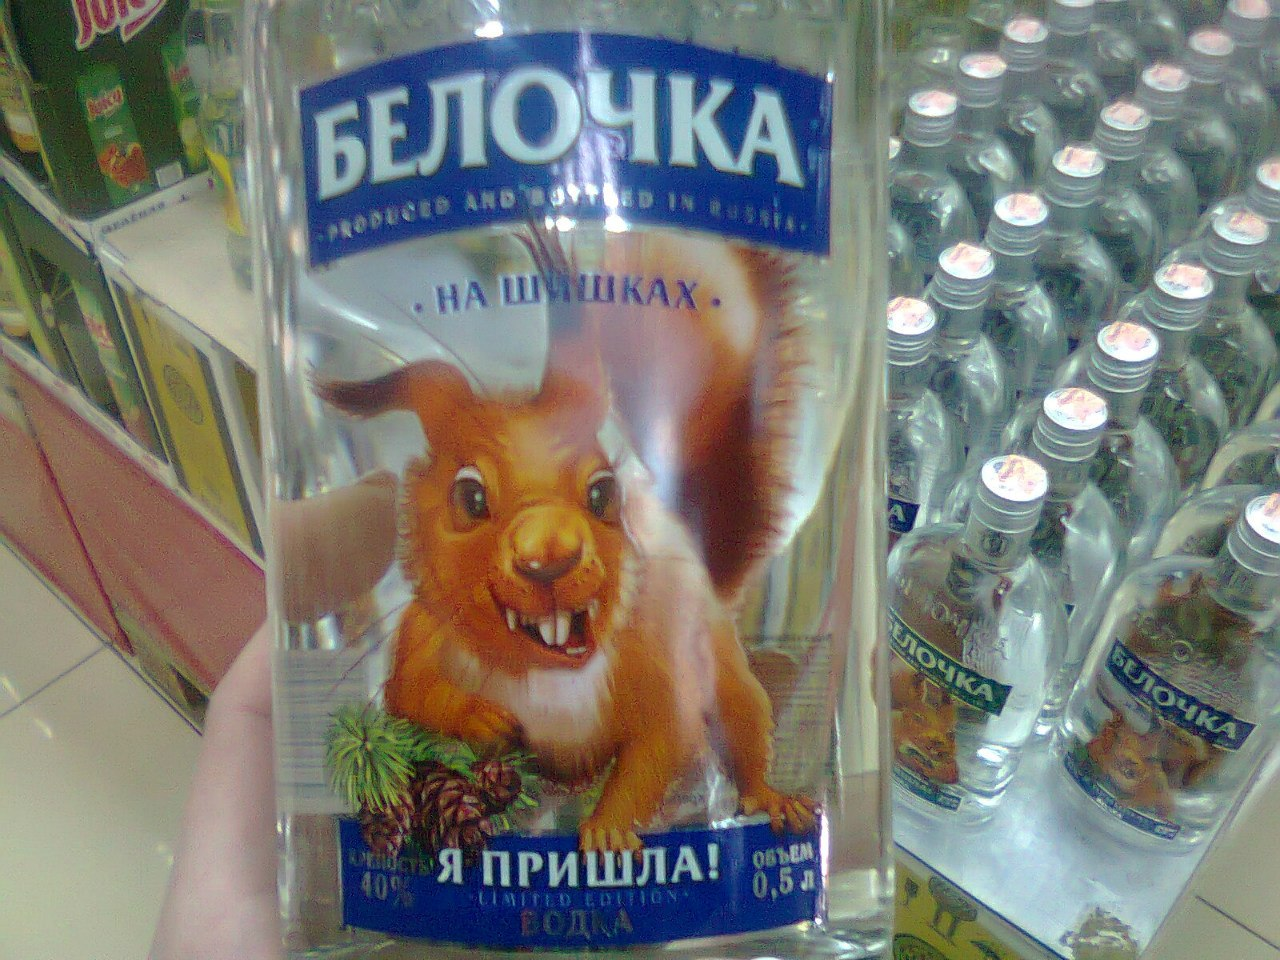 Пришла на kasholka ru 7 фотография